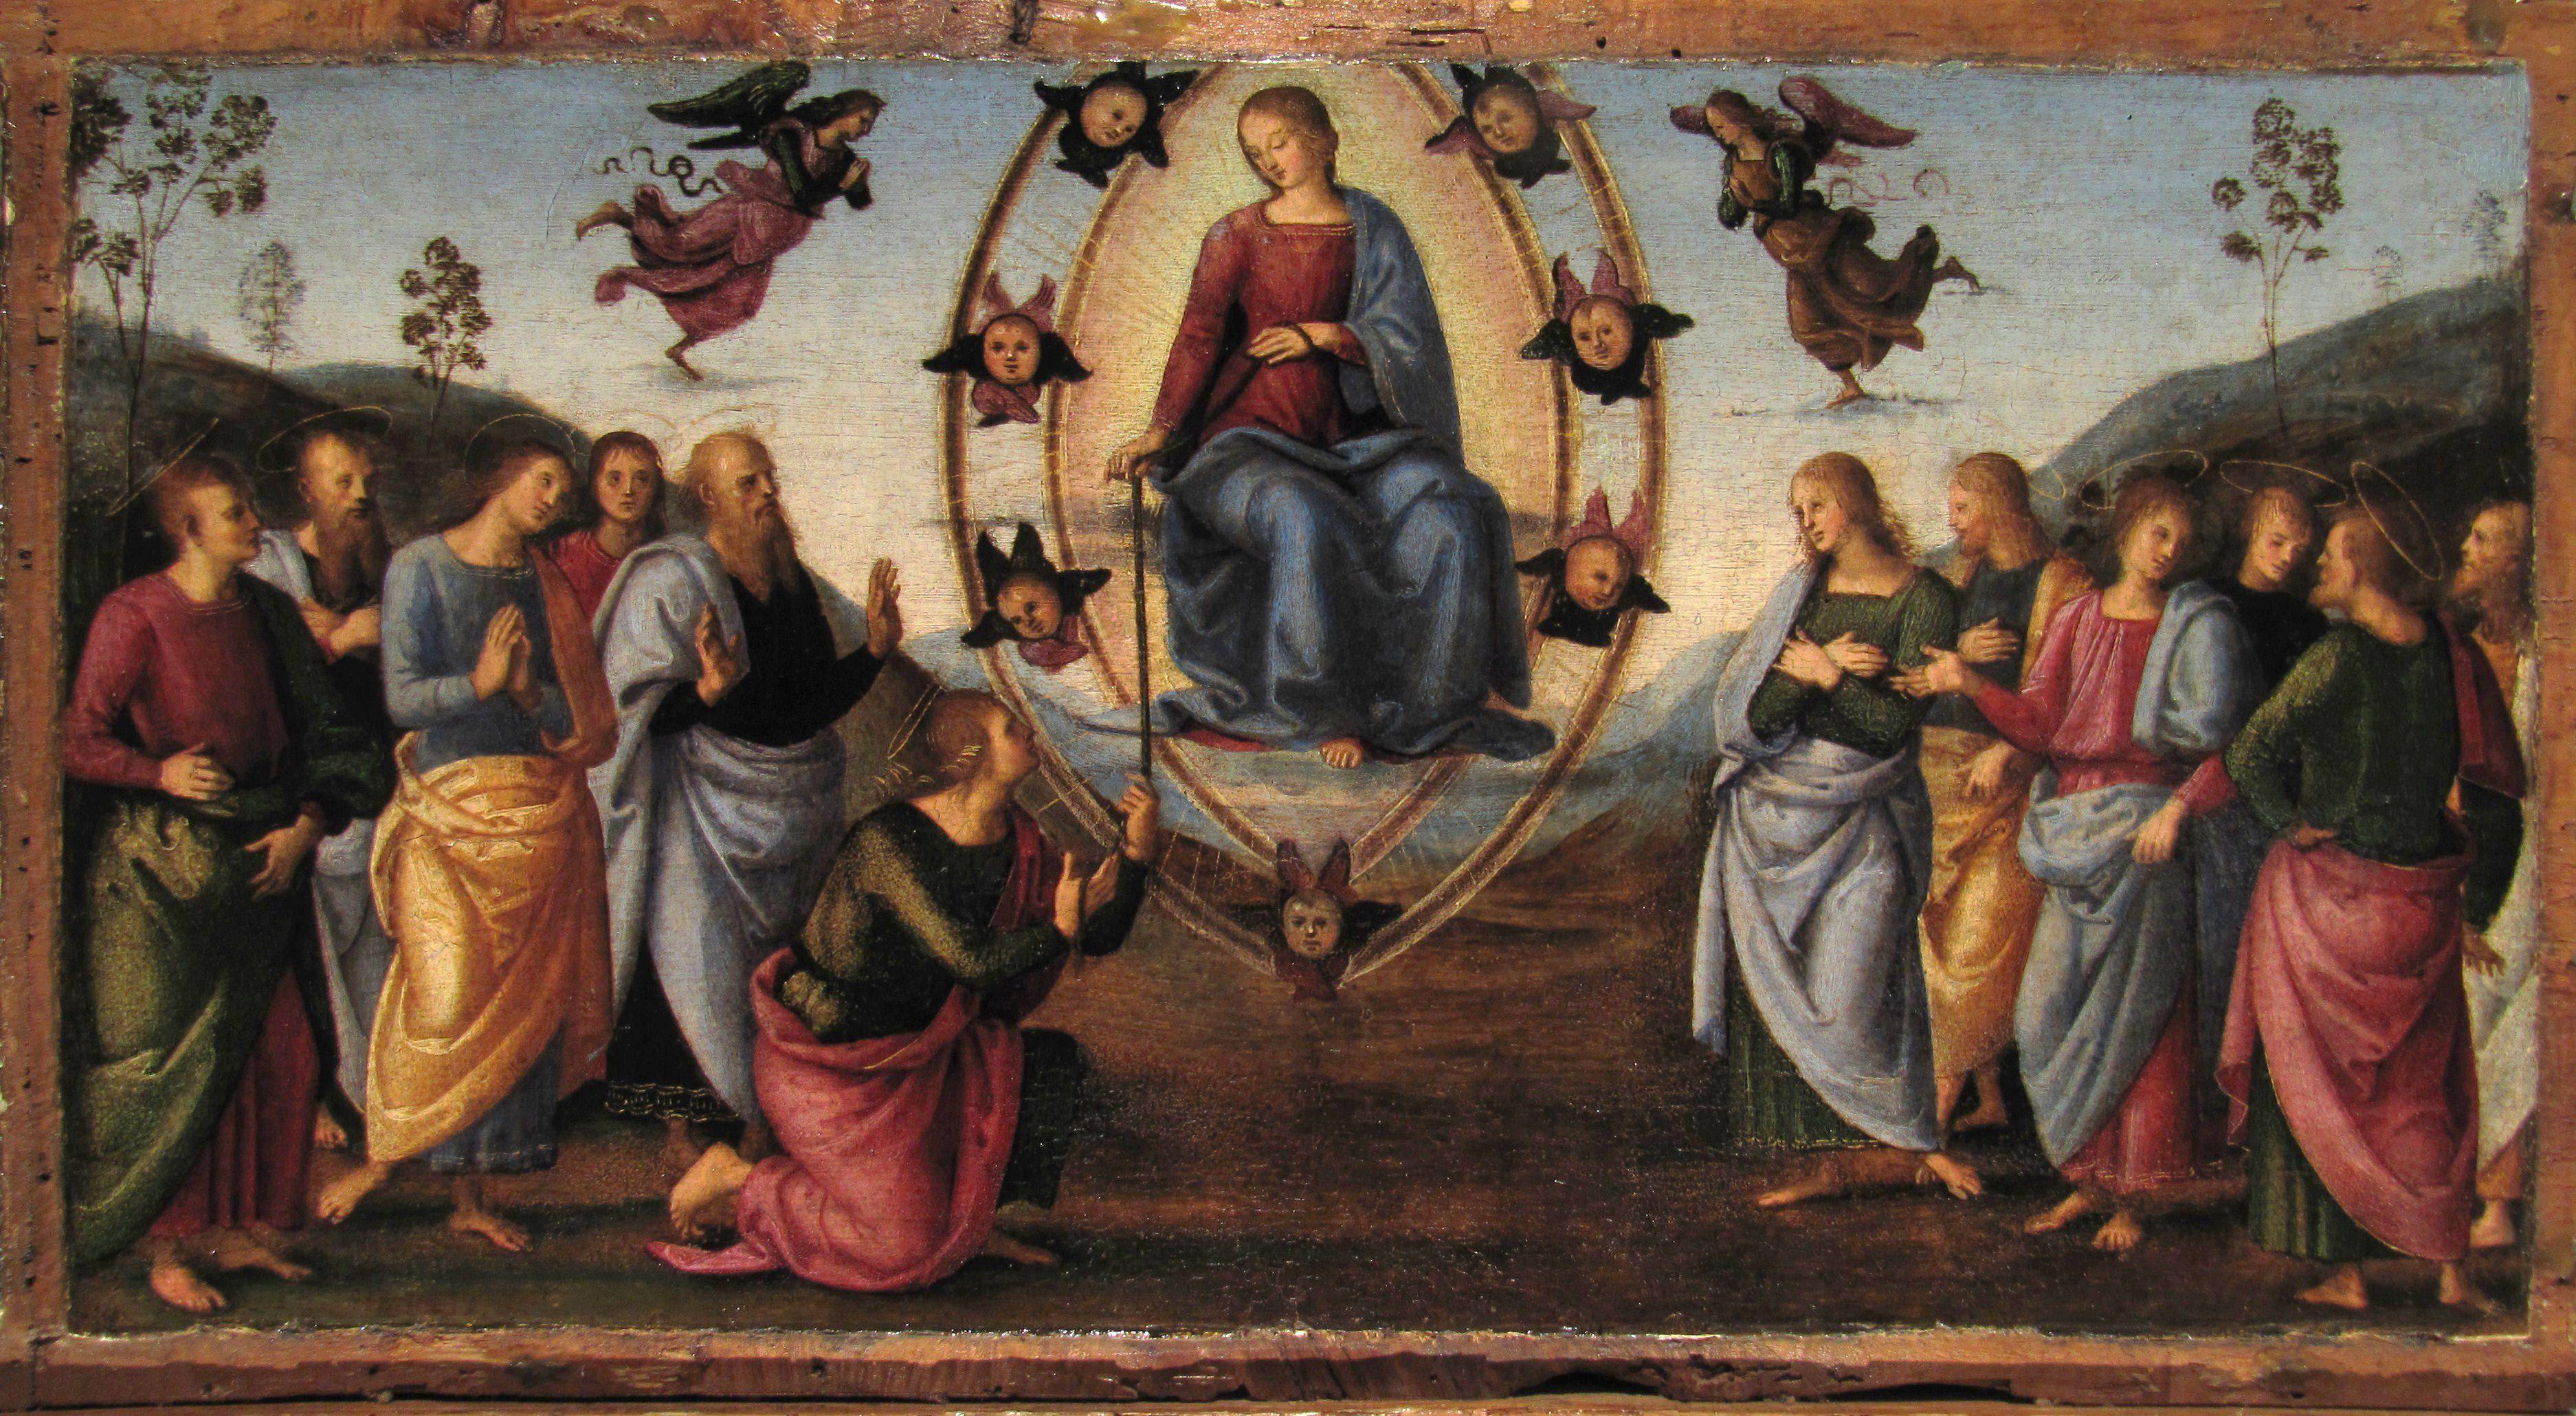 Raphael-retable-de-Fano-predelle-representant-des-episodes-de-la-Vie-de-la-Vierge-l-Assomption-1497